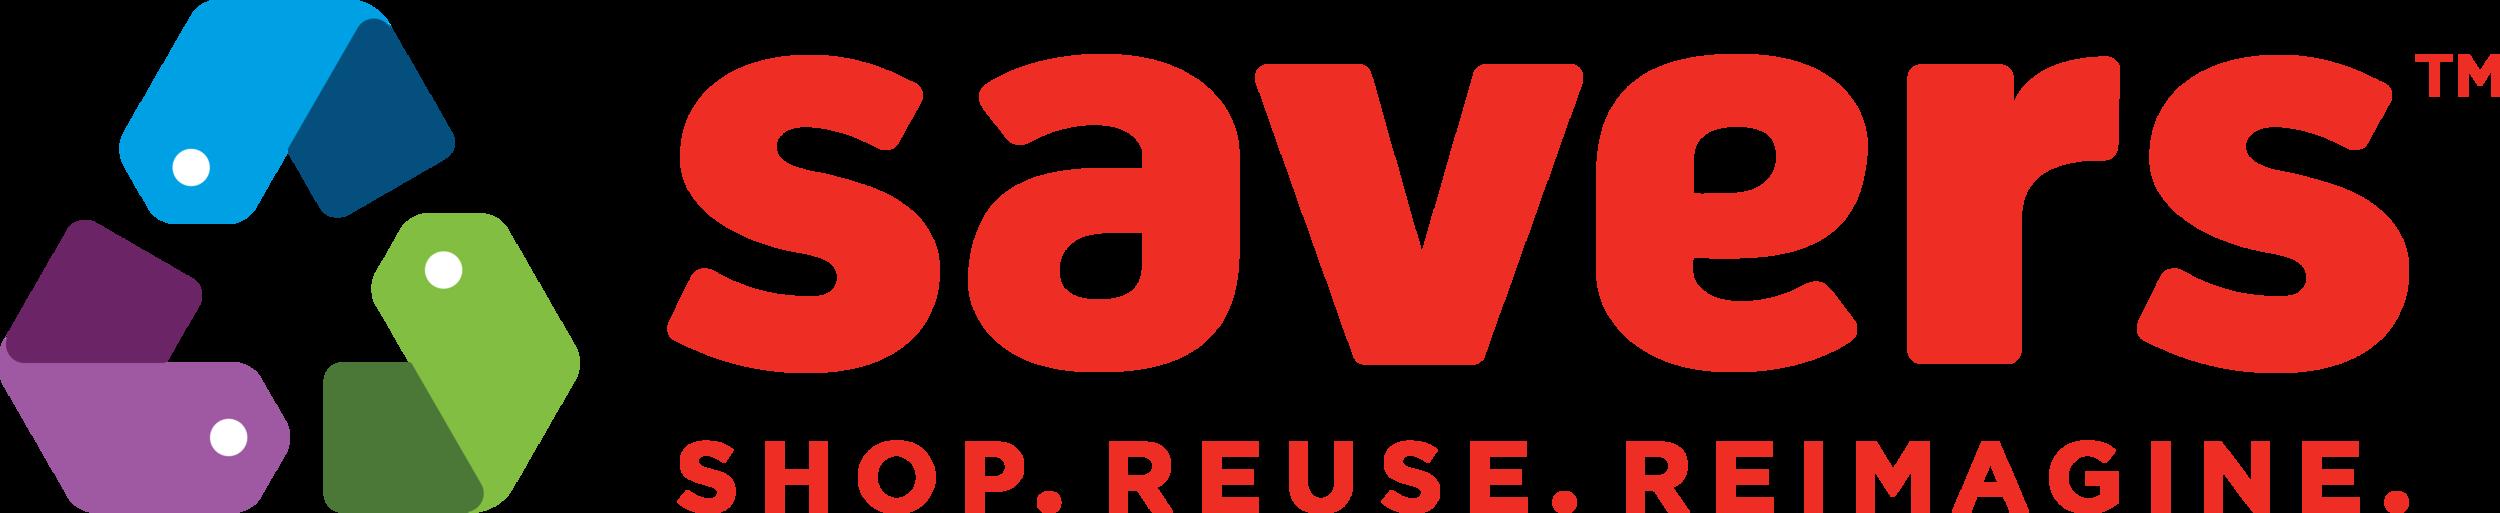 Savers-IconWordmarkTagline-CMYK.png